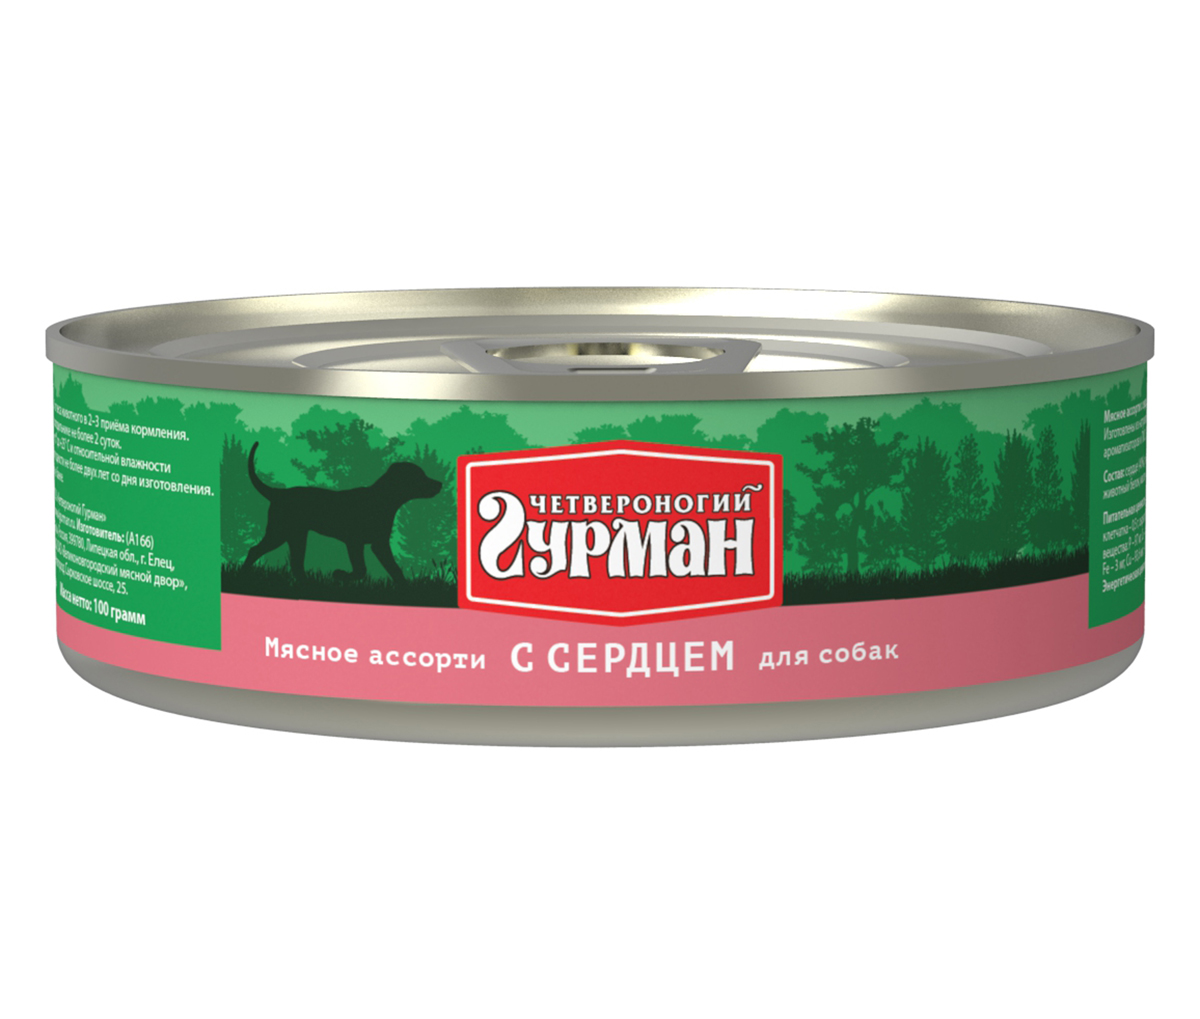 Консервы для собак Четвероногий гурман Мясное ассорти, с сердцем, 100 г. 1031010100120710Консервы для собак Четвероногий гурман Мясное ассорти - это влажный мясной корм суперпремиум класса, состоящий из разных сортов мяса и качественных субпродуктов. Корм не содержит синтетических витаминно-минеральных комплексов, злаков, бобовых и овощей. Никаких искусственных компонентов в составе: только натуральное, экологически чистое мясо от проверенных поставщиков. По консистенции продукт представляет собой кусочки из фарша размером 3-15 мм. В состав входит коллаген. Его компоненты (хондроитин и глюкозамин) положительно воздействуют на суставы питомца. Состав: сердце (40%), рубец (28%), легкое, коллагенсодержащее сырье, животный белок, масло растительное, вода. Пищевая ценность (в 100 г продукта): протеин 10,3 г, жир 6 г, клетчатка 0,5 г, сырая зола 2 г, влага 80 г. Минеральные вещества: P 97 мг, Са 11,5 мг, Na 158,14 мг, Cl 218,3 мг, Mg 11 мг, Fe 3 мг, Cu 93,6 мкг, I 3,51 мкг. Витамины: А, E, В1, В2, B3, B5, B6. Энергетическая ценность (на 100 г): 95 ккал. Товар сертифицирован.